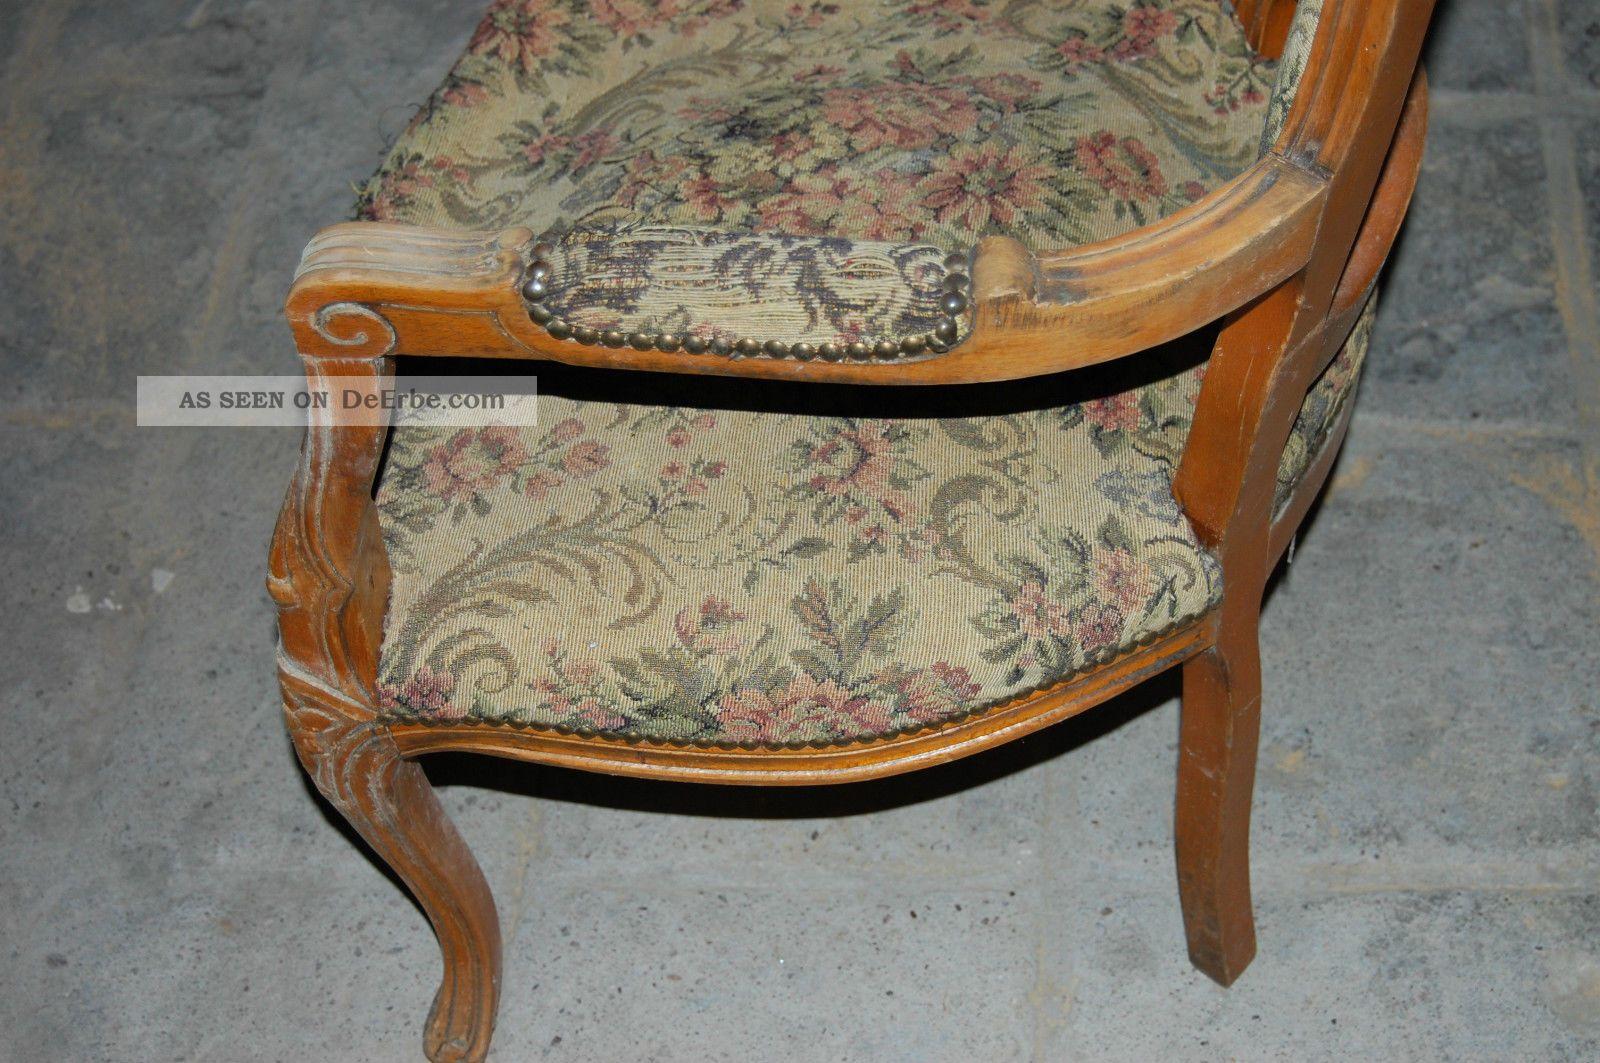 Alter sessel alter sessel sammler antik dachbodenfund for Sessel antik